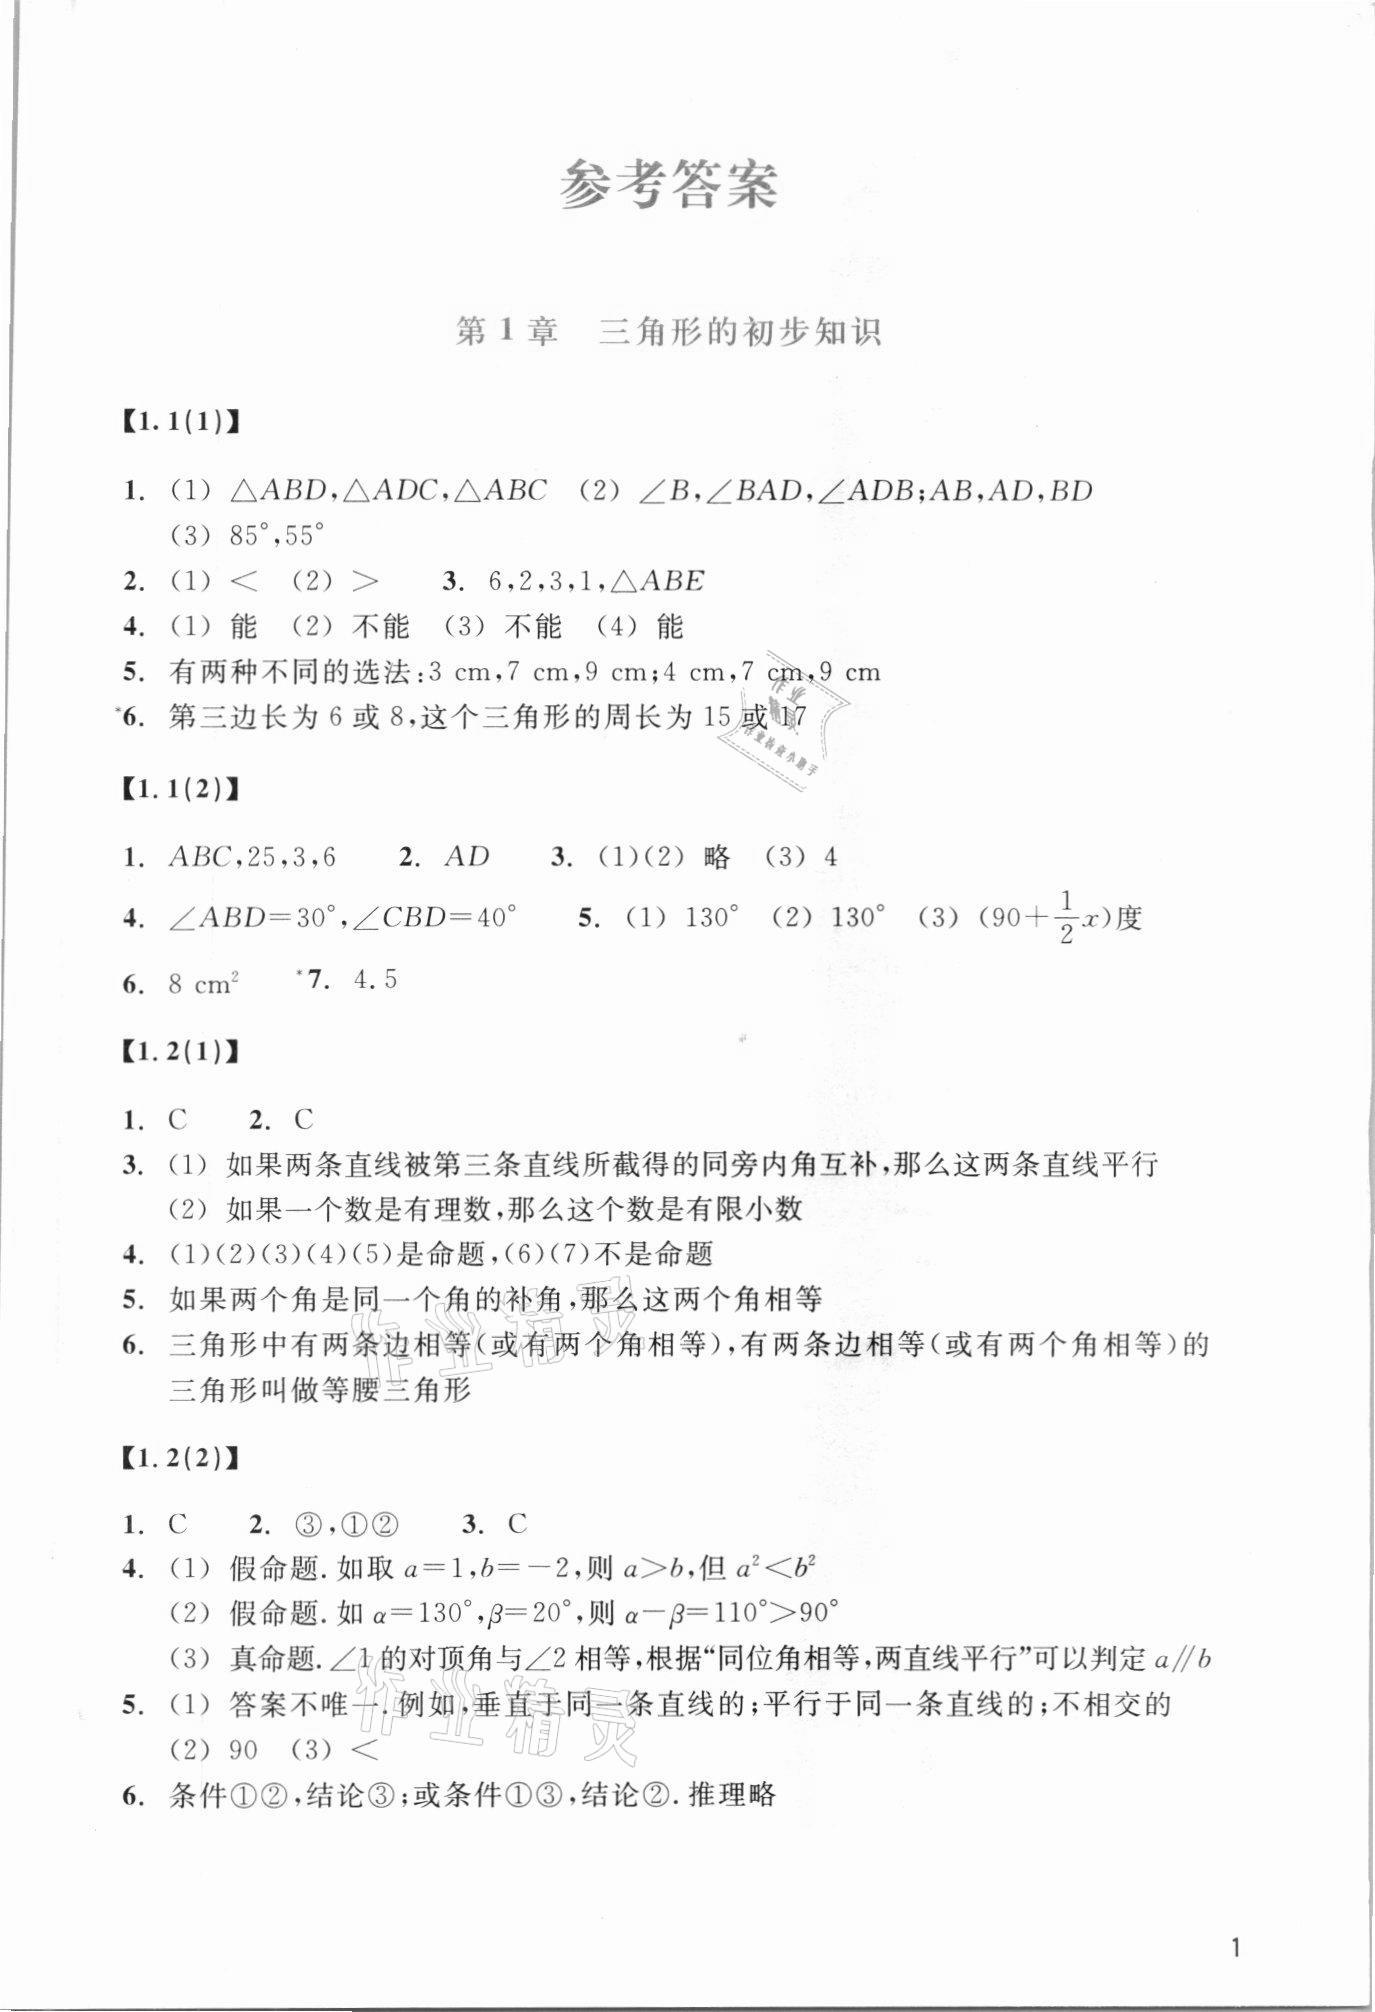 2021年數學作業本八年級上冊浙教版浙江教育出版社參考答案第1頁